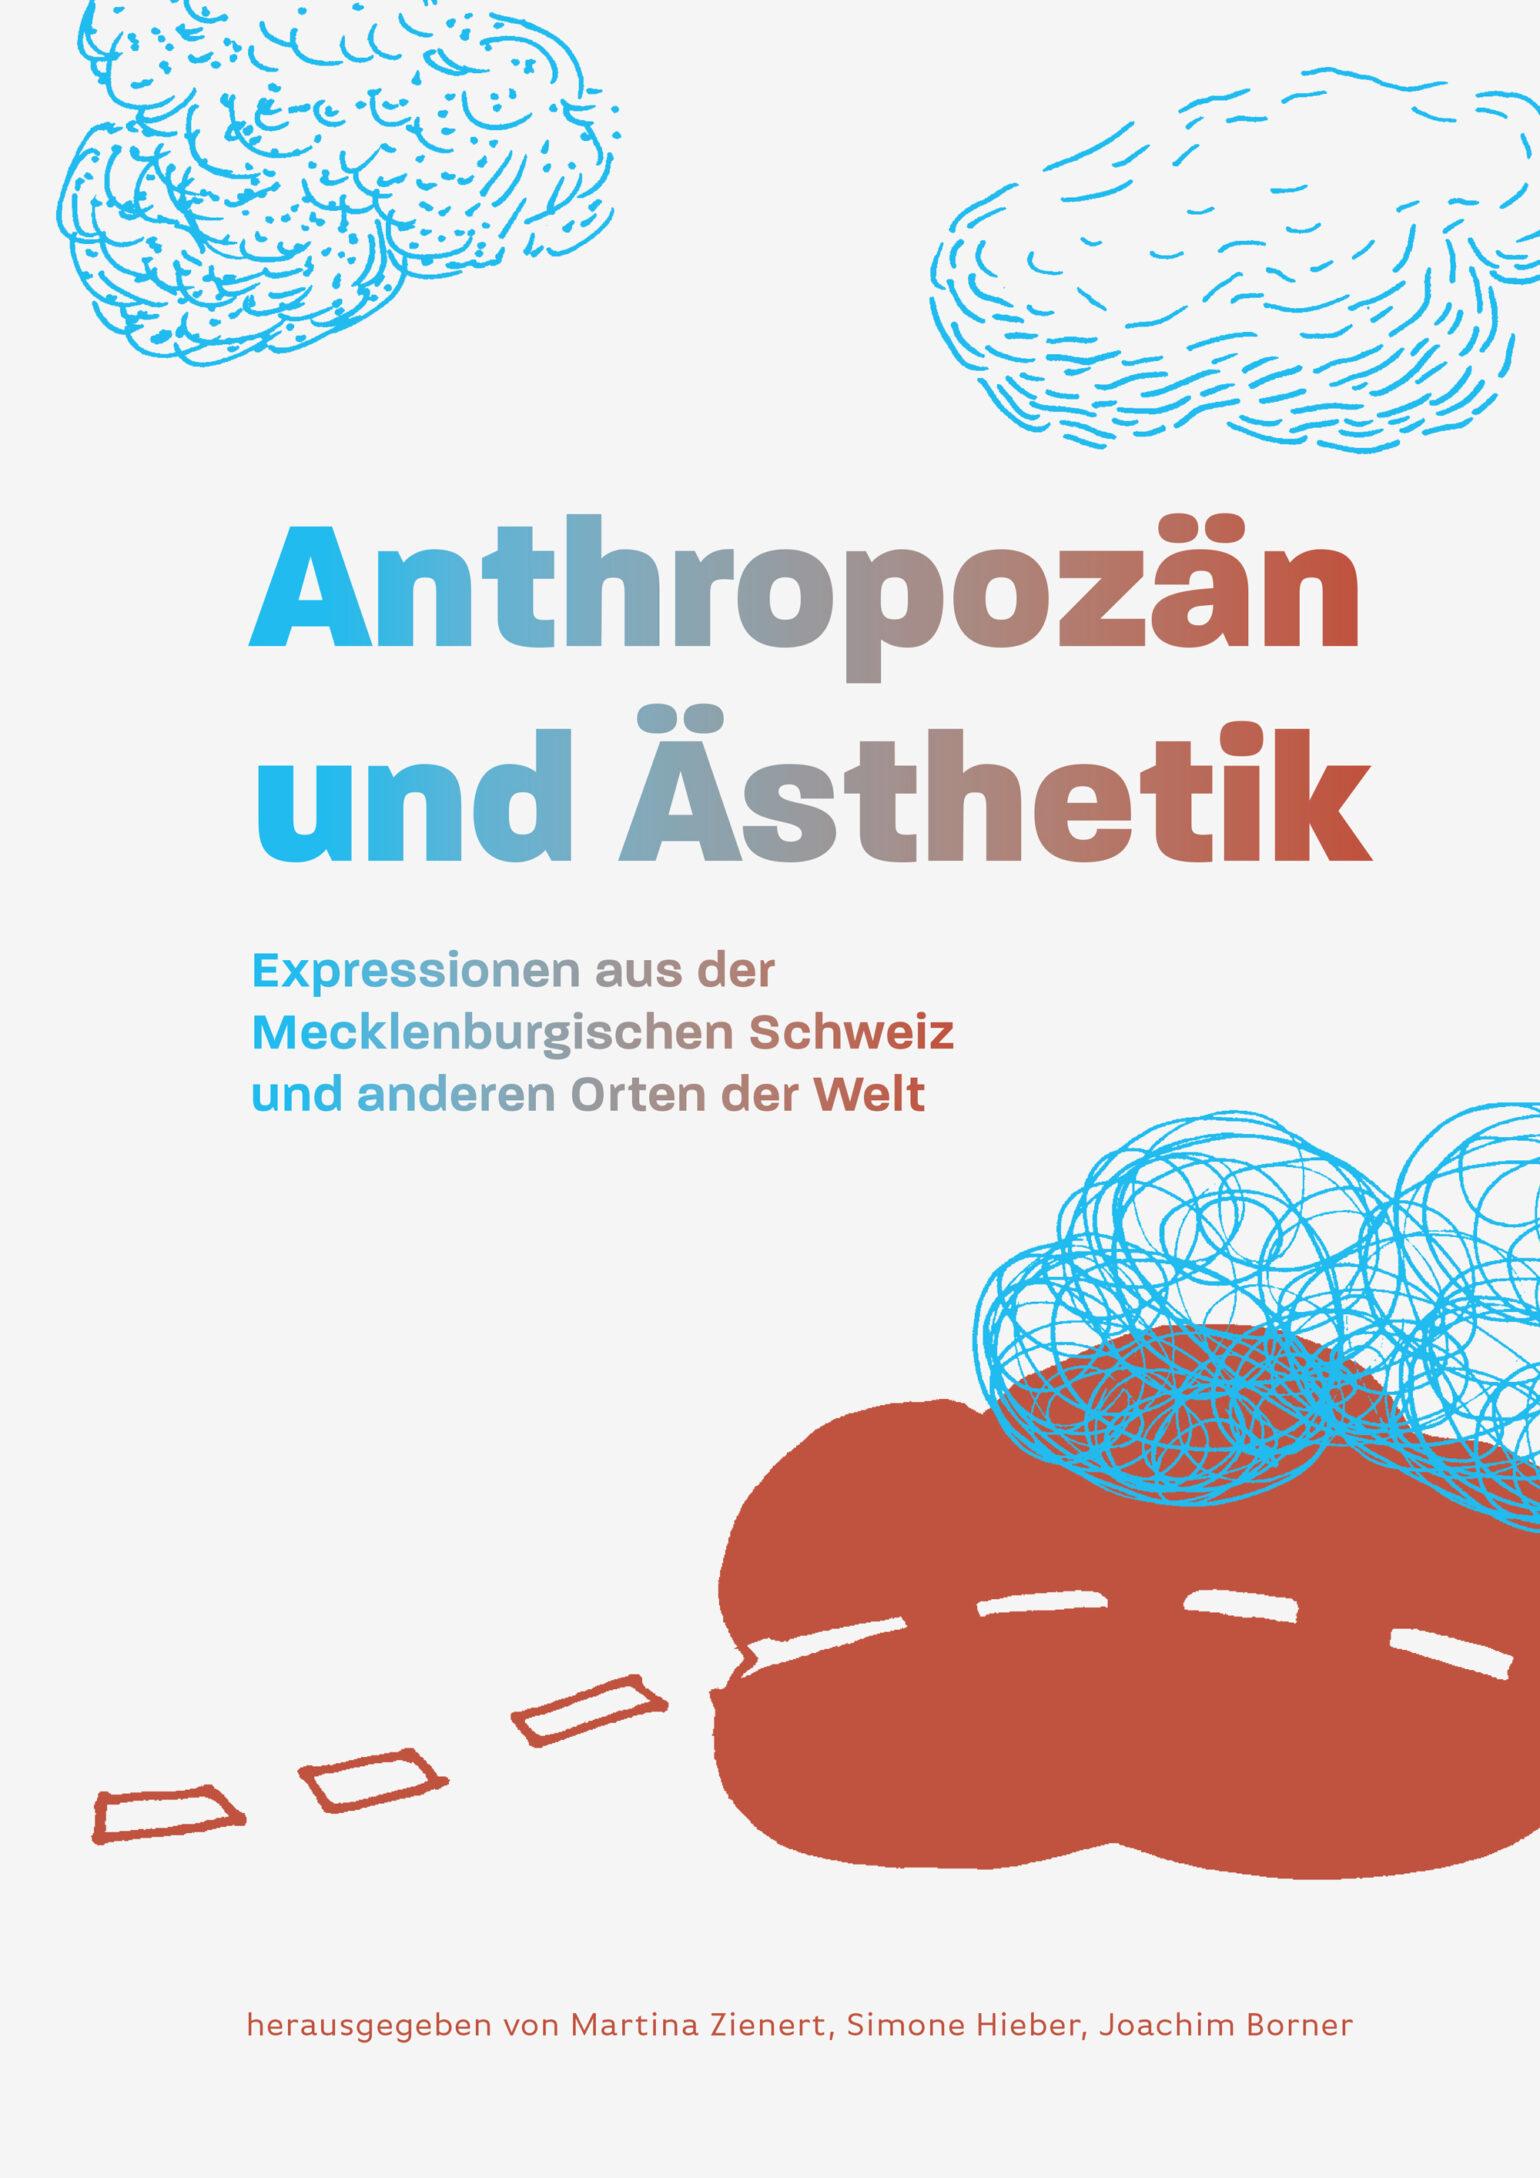 Anthropozaen-titel-ganz